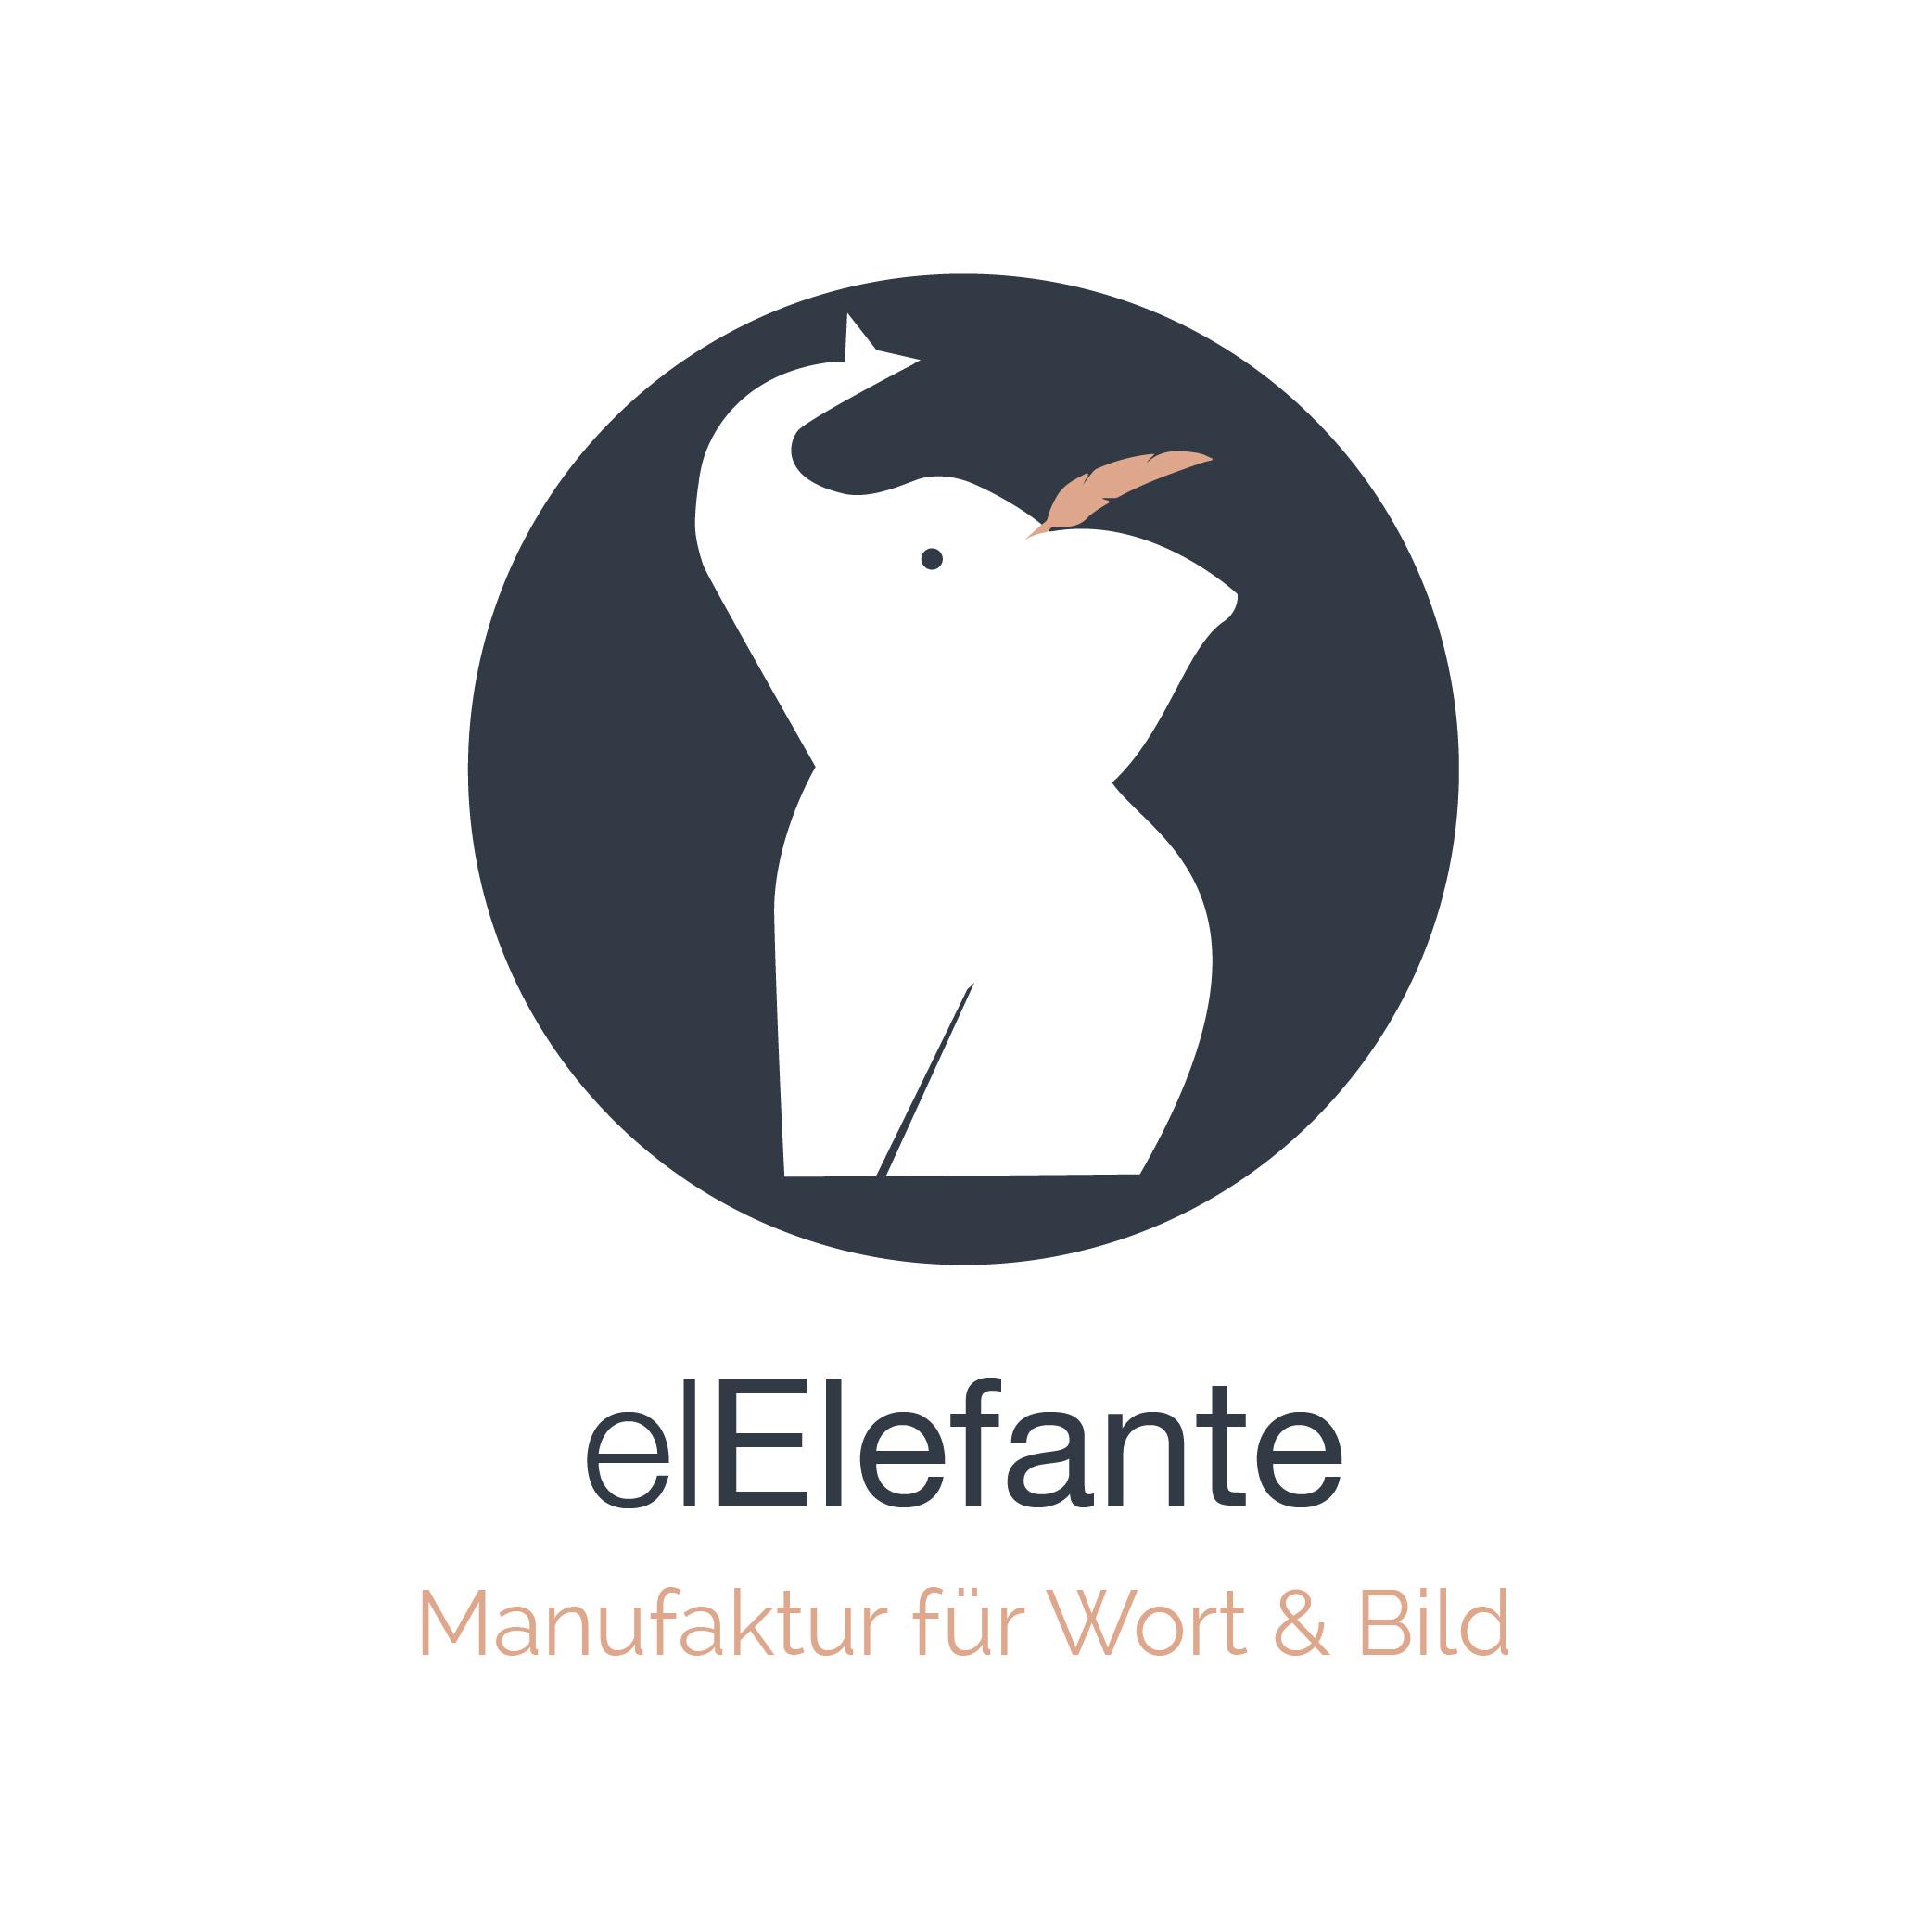 el elefante - manufaktur für wort & bild logo